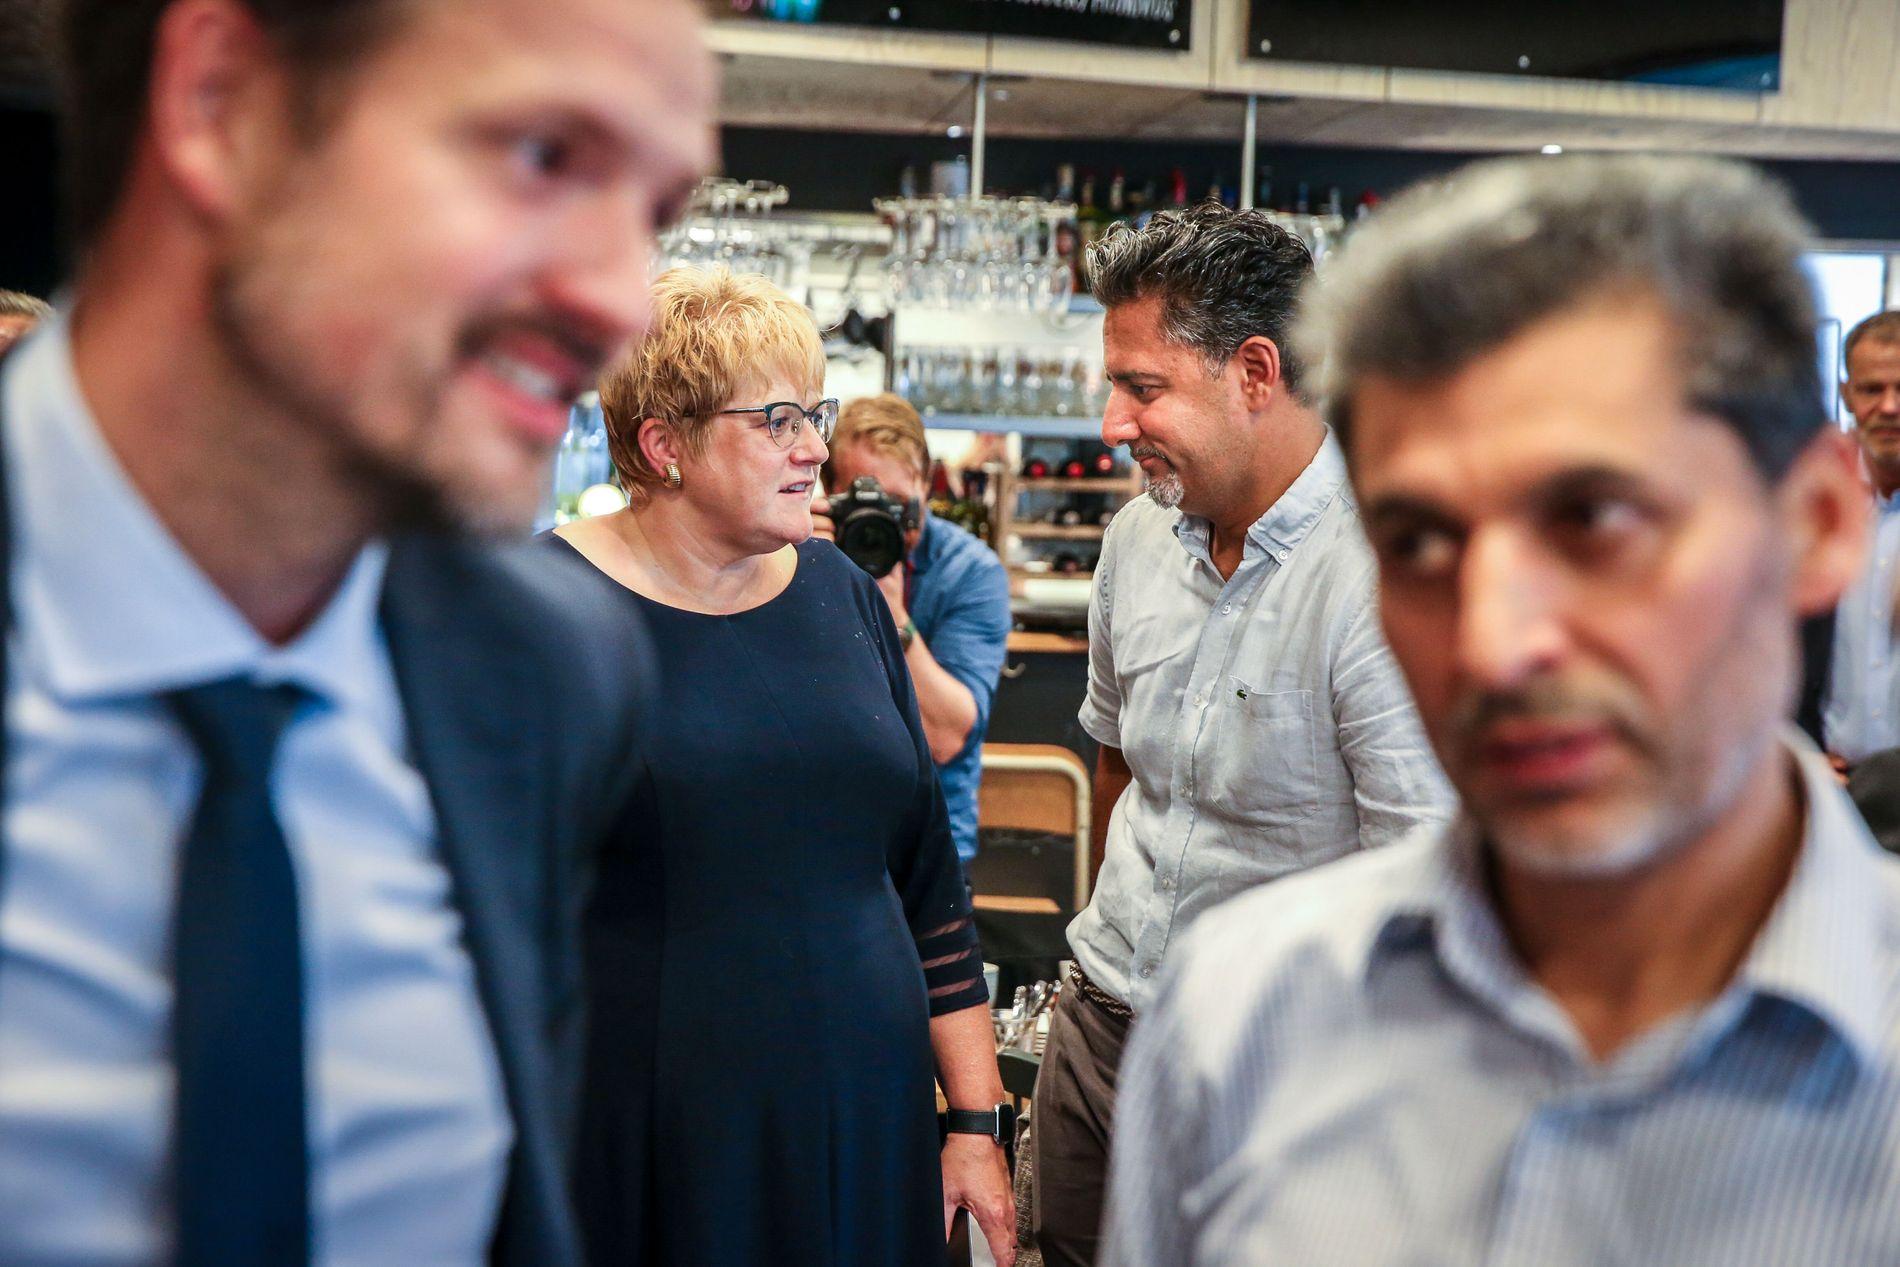 I bakgrunnen står kulturminister Trine Skei Grande i samtale med Venstres Abid Raja.